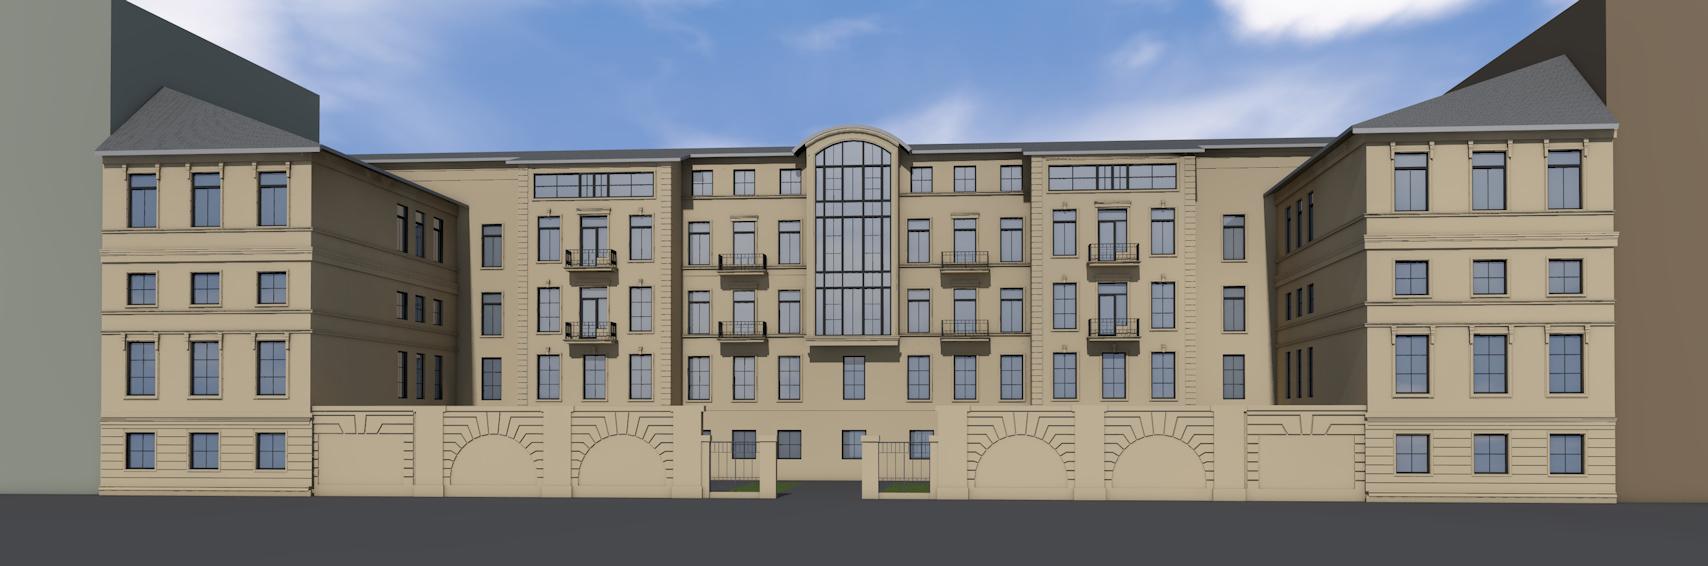 Концепция достройки фасада исторического здания фото f_6245c09245e0db70.jpg